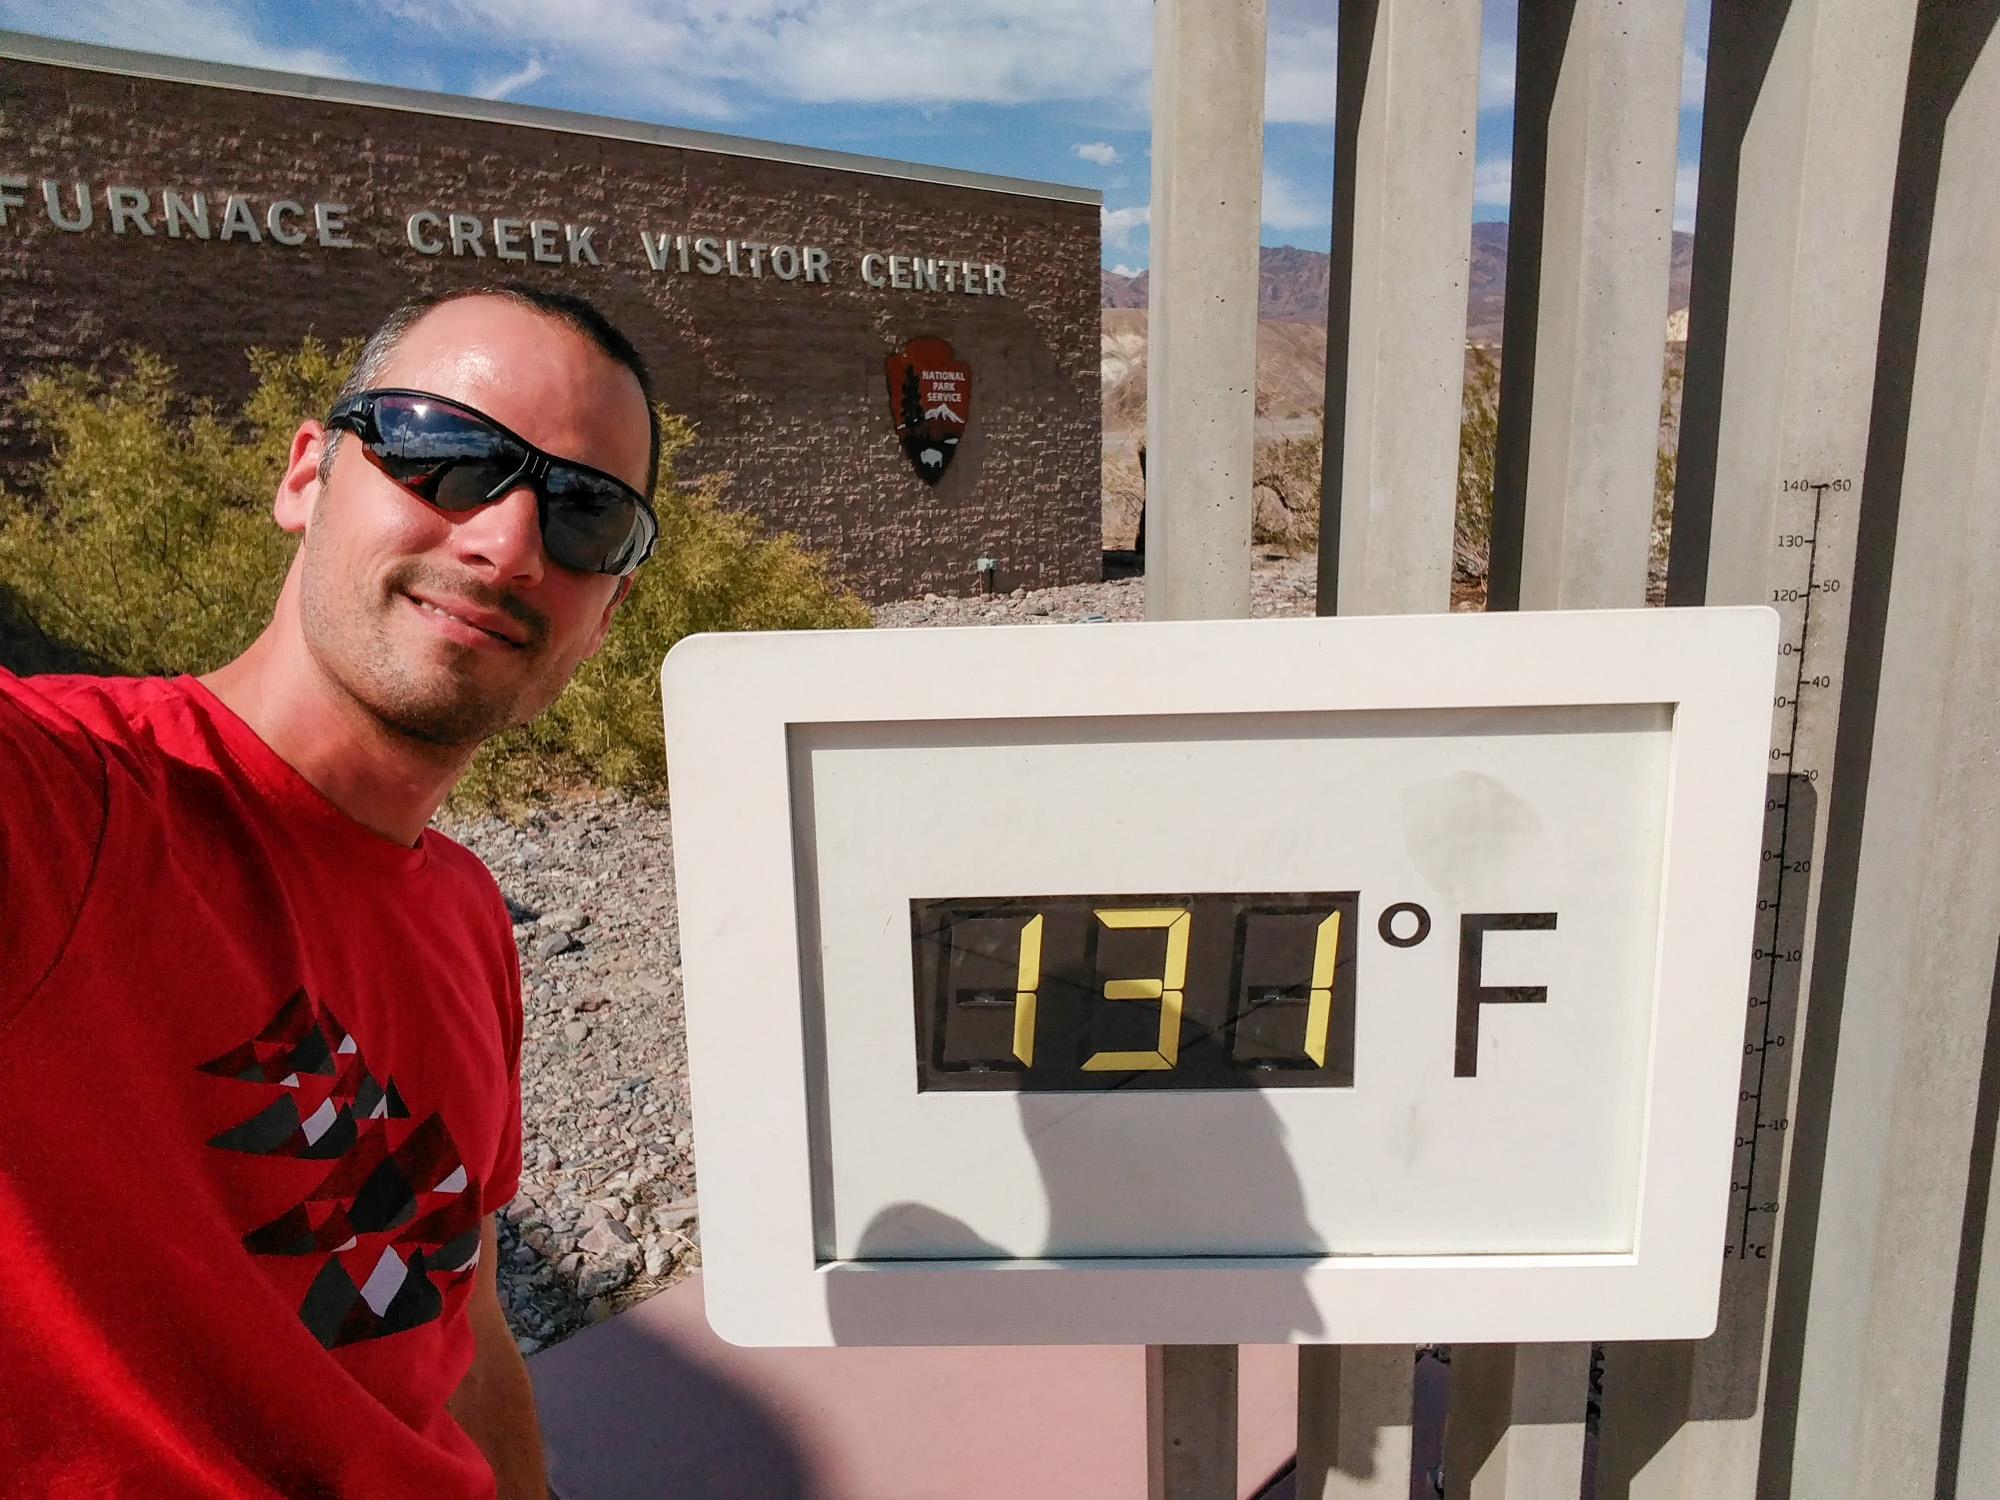 Death Valley Nationalpark - Aussenthermometer beim Visitor Center (entspricht 55° Celsius)